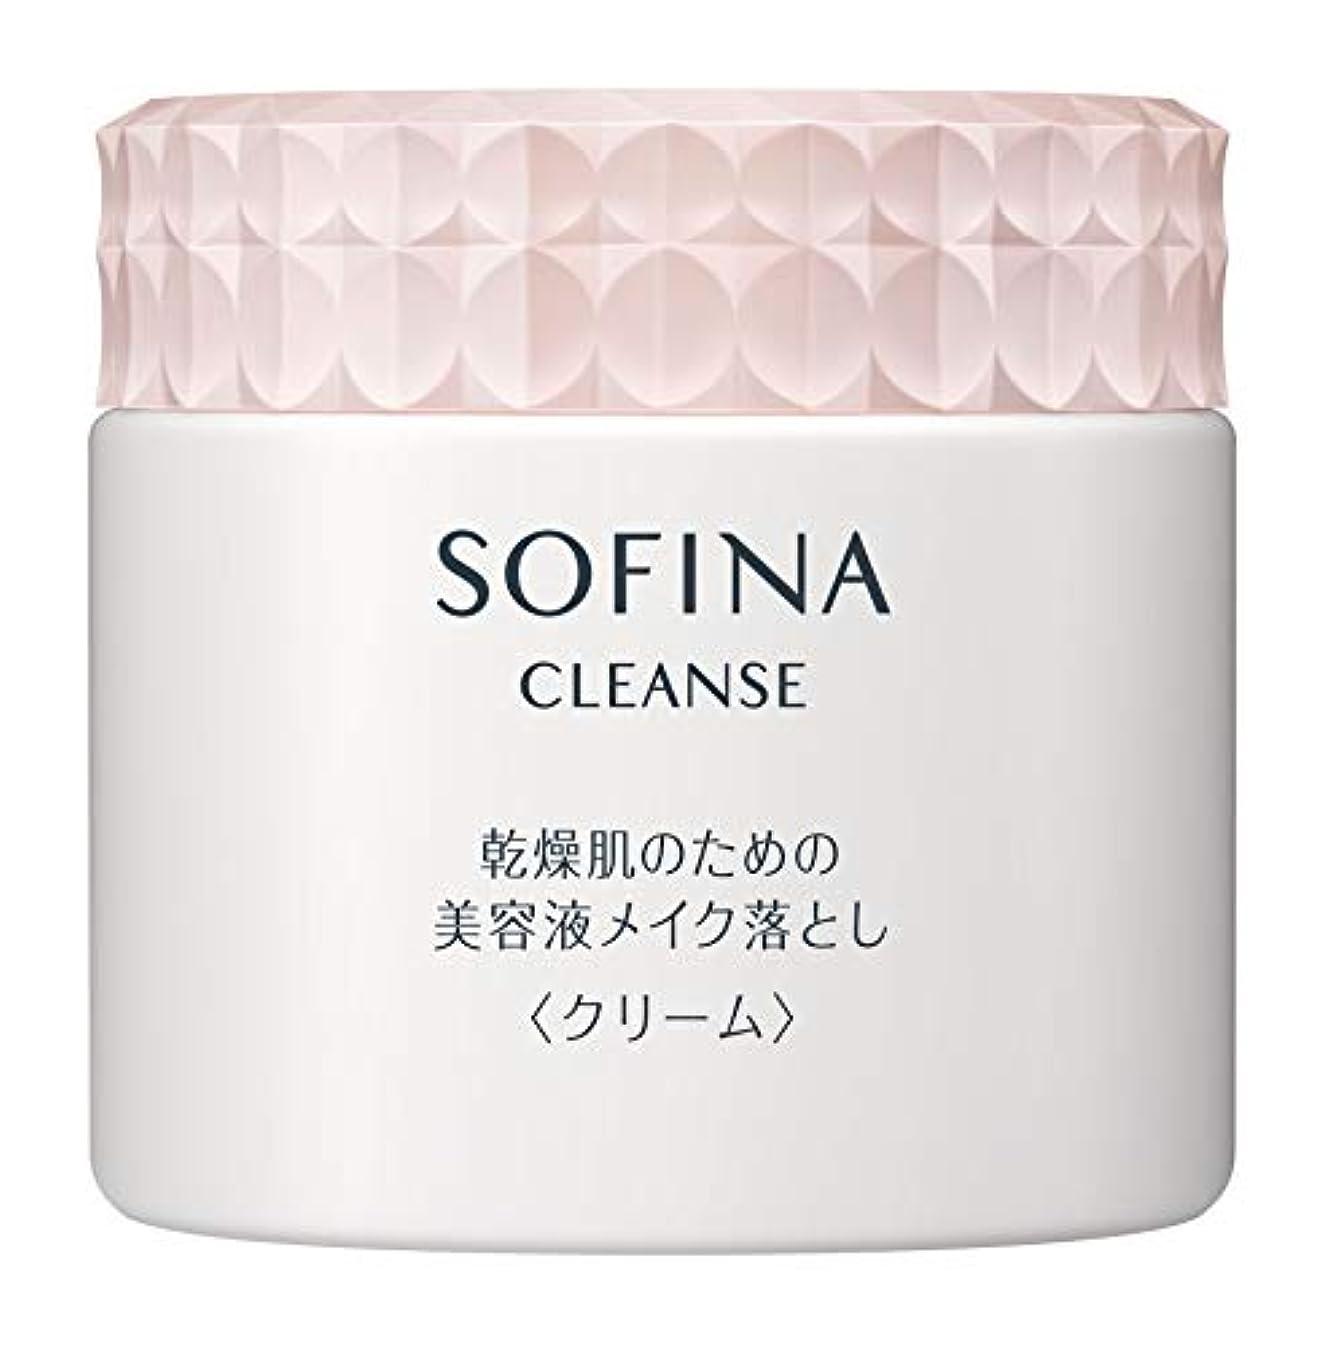 キュービックまたほぼソフィーナ 乾燥肌のための美容液メイク落とし クリーム 200g